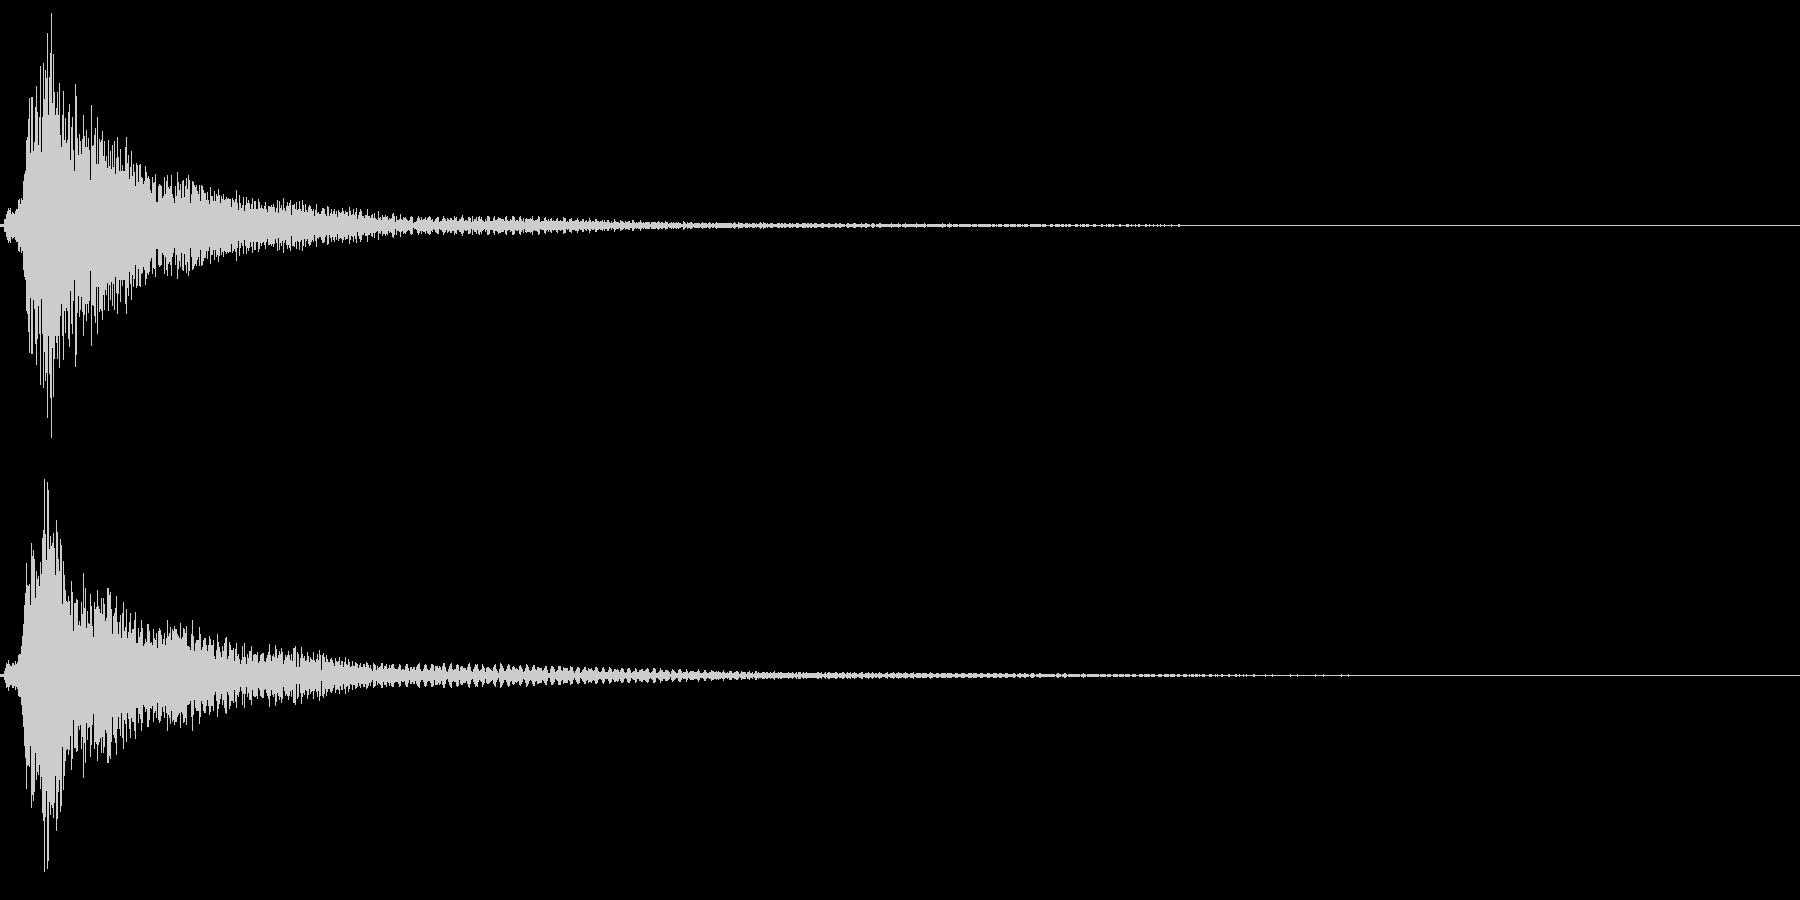 和風「タラン」琴のロゴ音2の未再生の波形